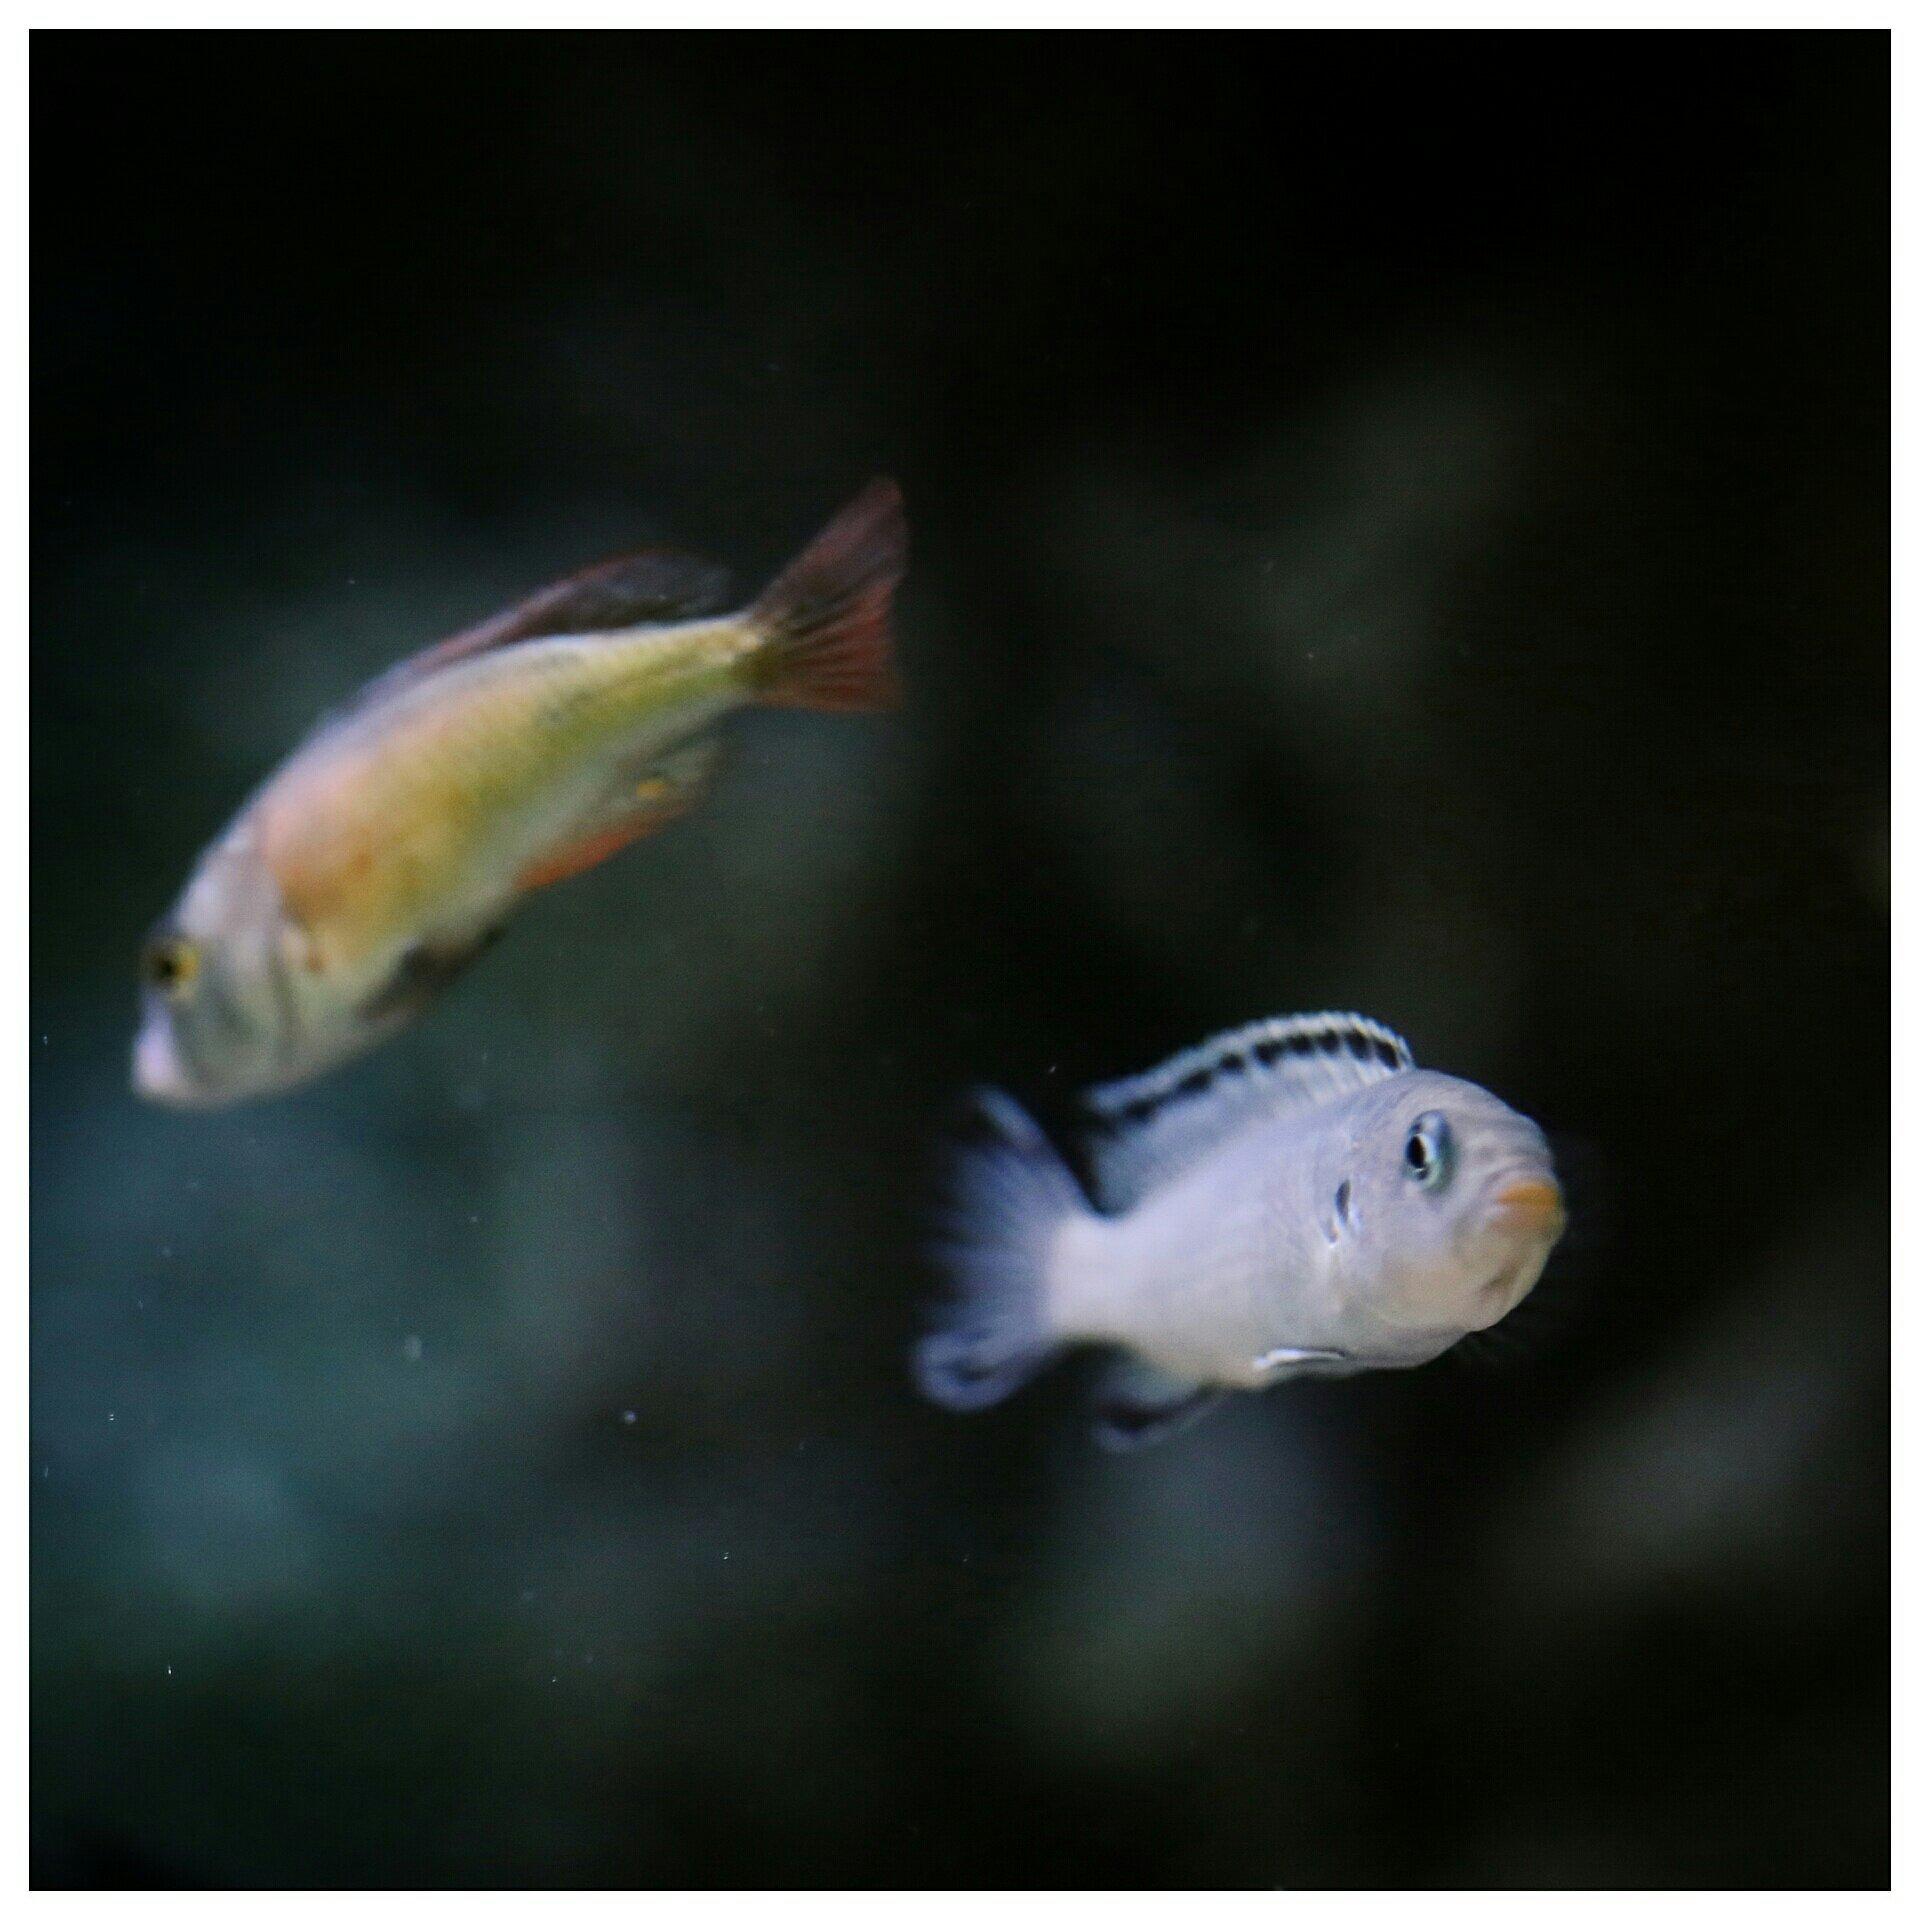 每日鱼照岩栖索科洛夫斑马 西安龙鱼论坛 西安博特第7张